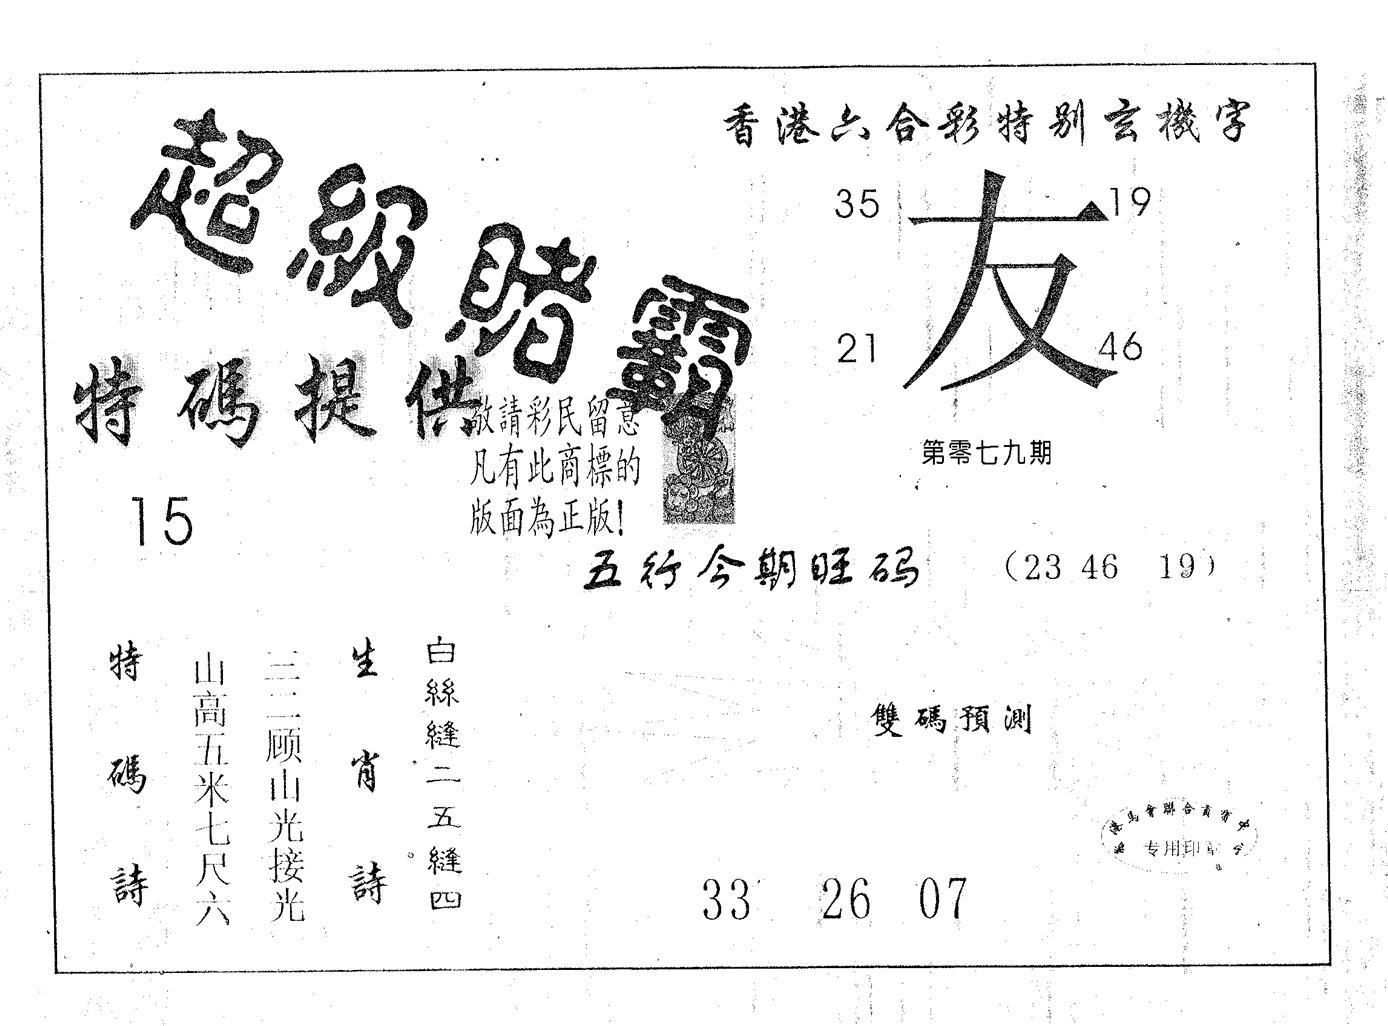 079期超极赌霸(黑白)